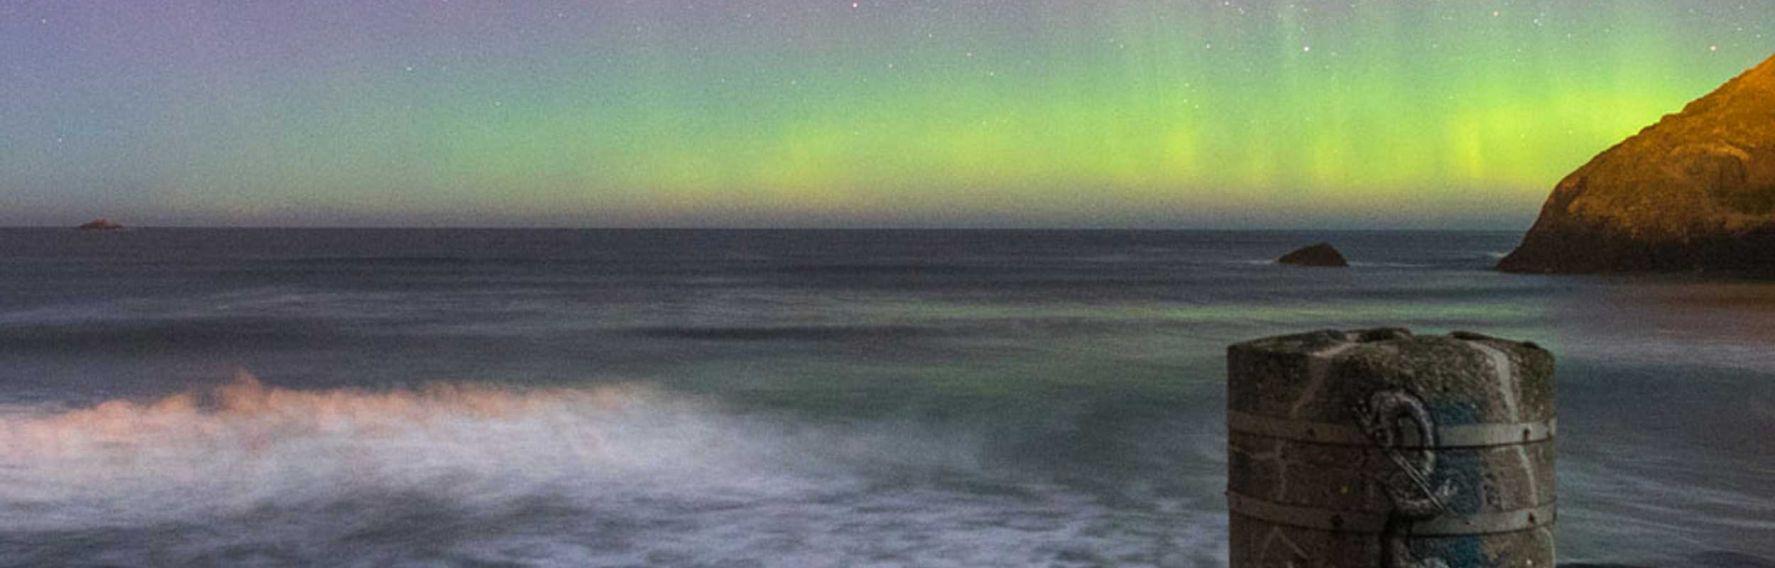 Second Beach aurora